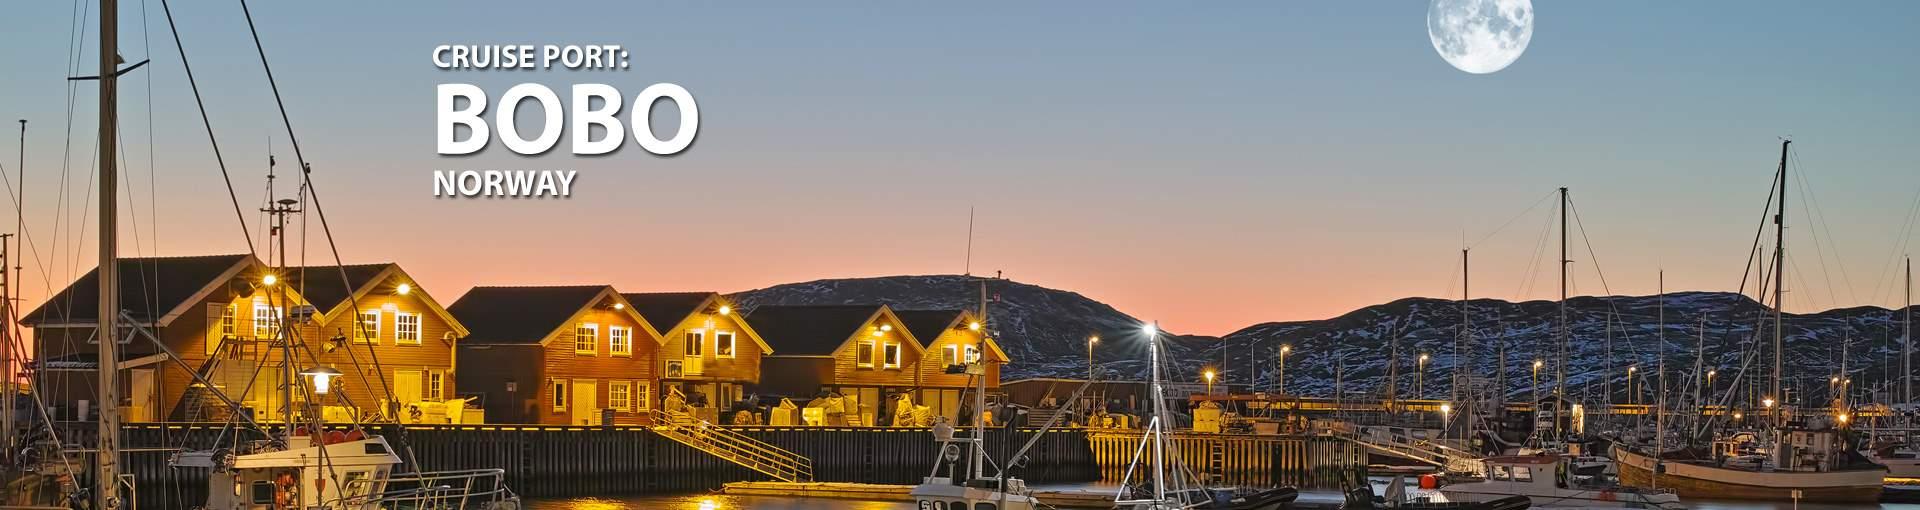 Cruises to Bodo, Norway